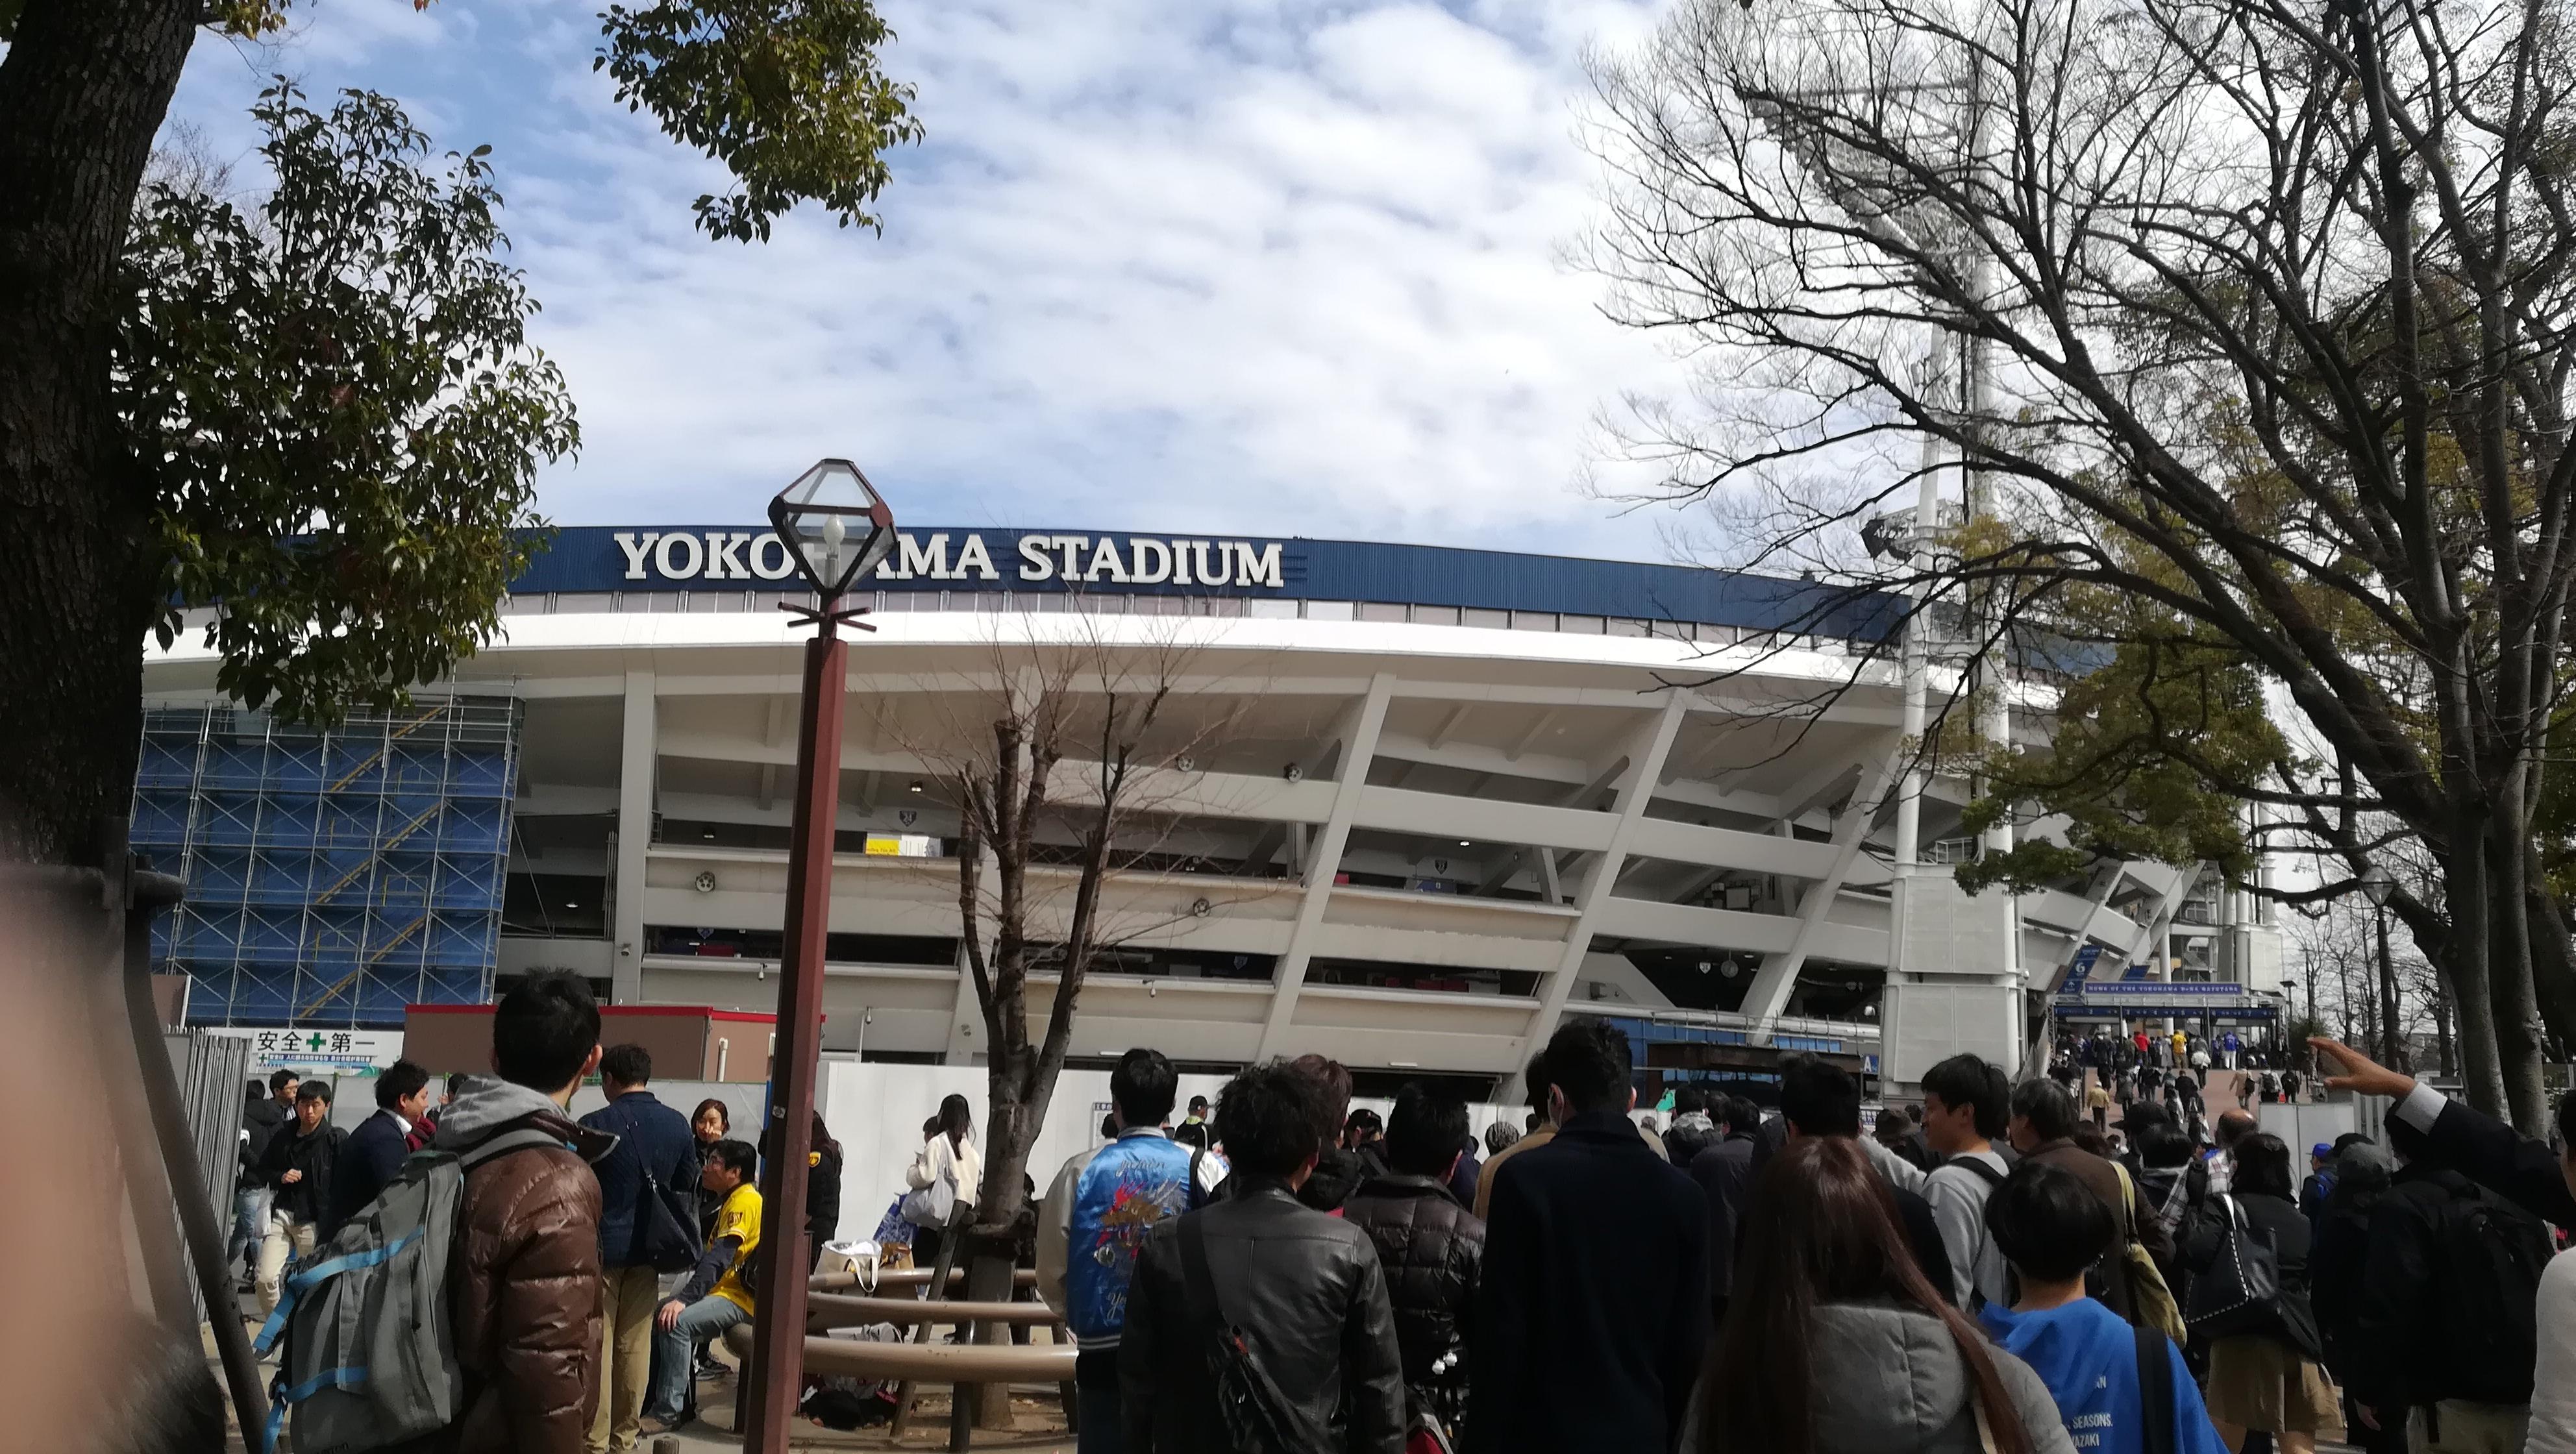 横浜スタジアム 外観